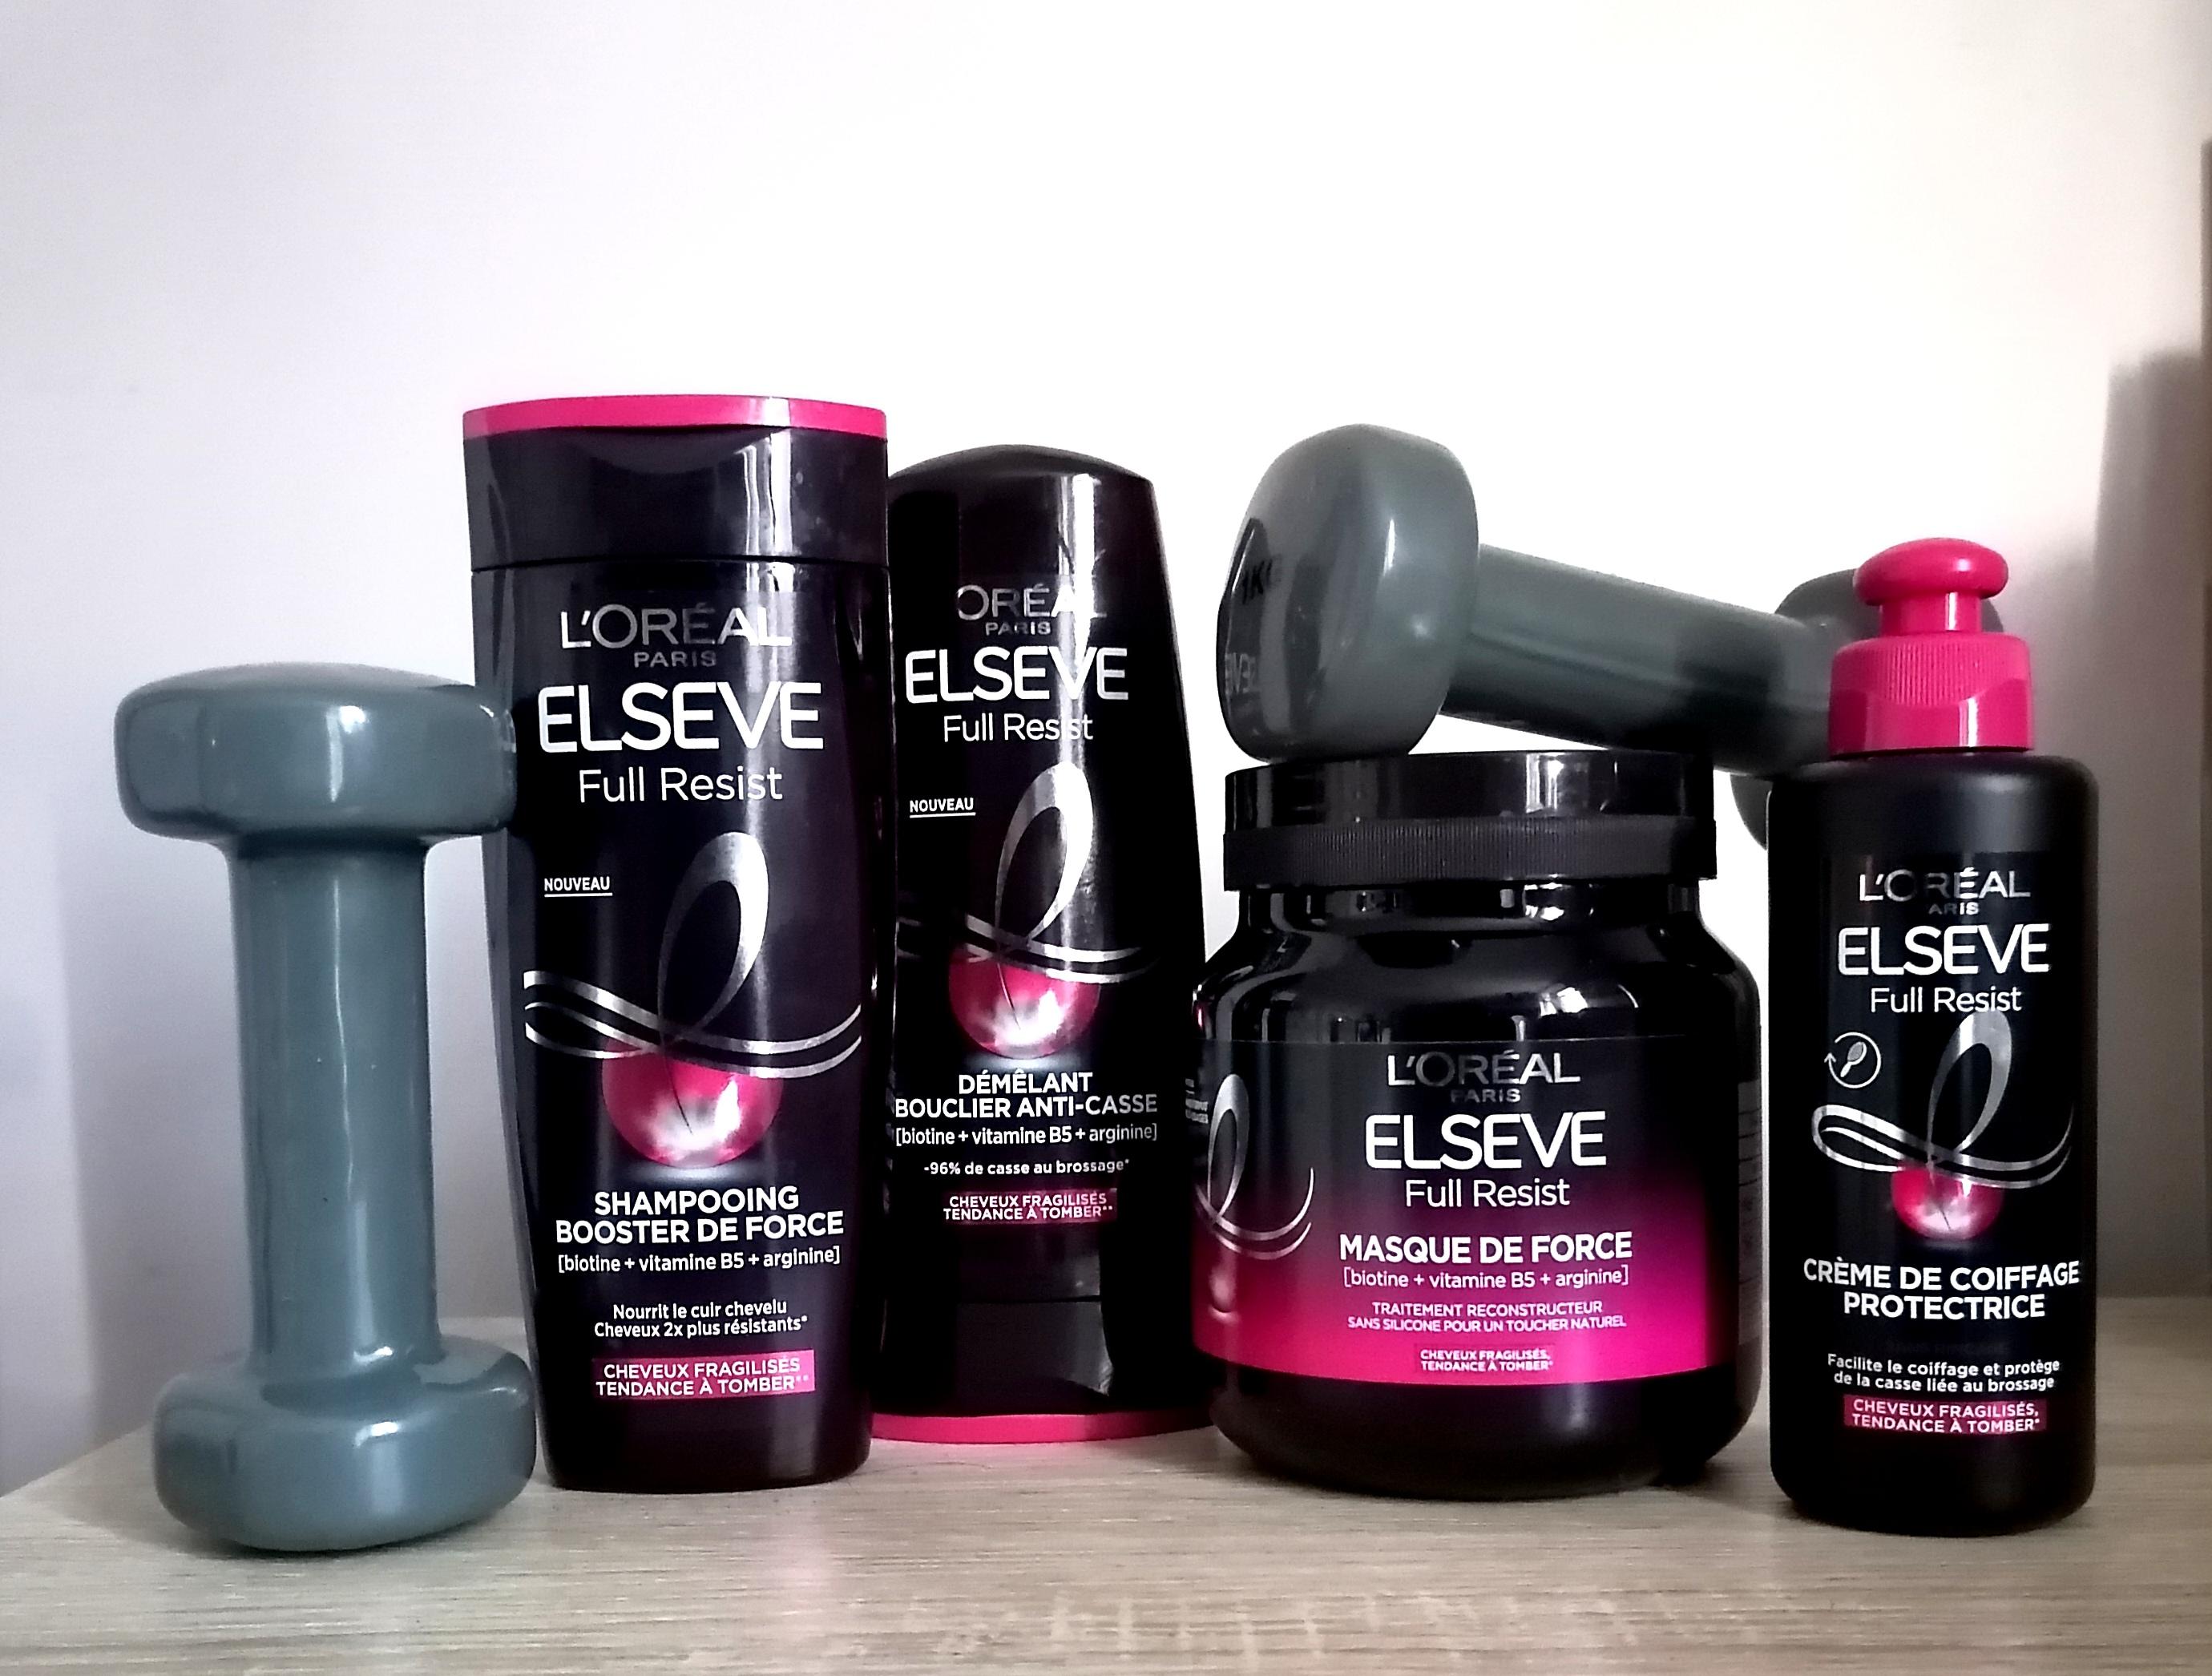 Renforcement capillaire 💪🏽 : la gamme Full Resist d'Elseve, LA solution pour les cheveux fatigués et fragilisés?